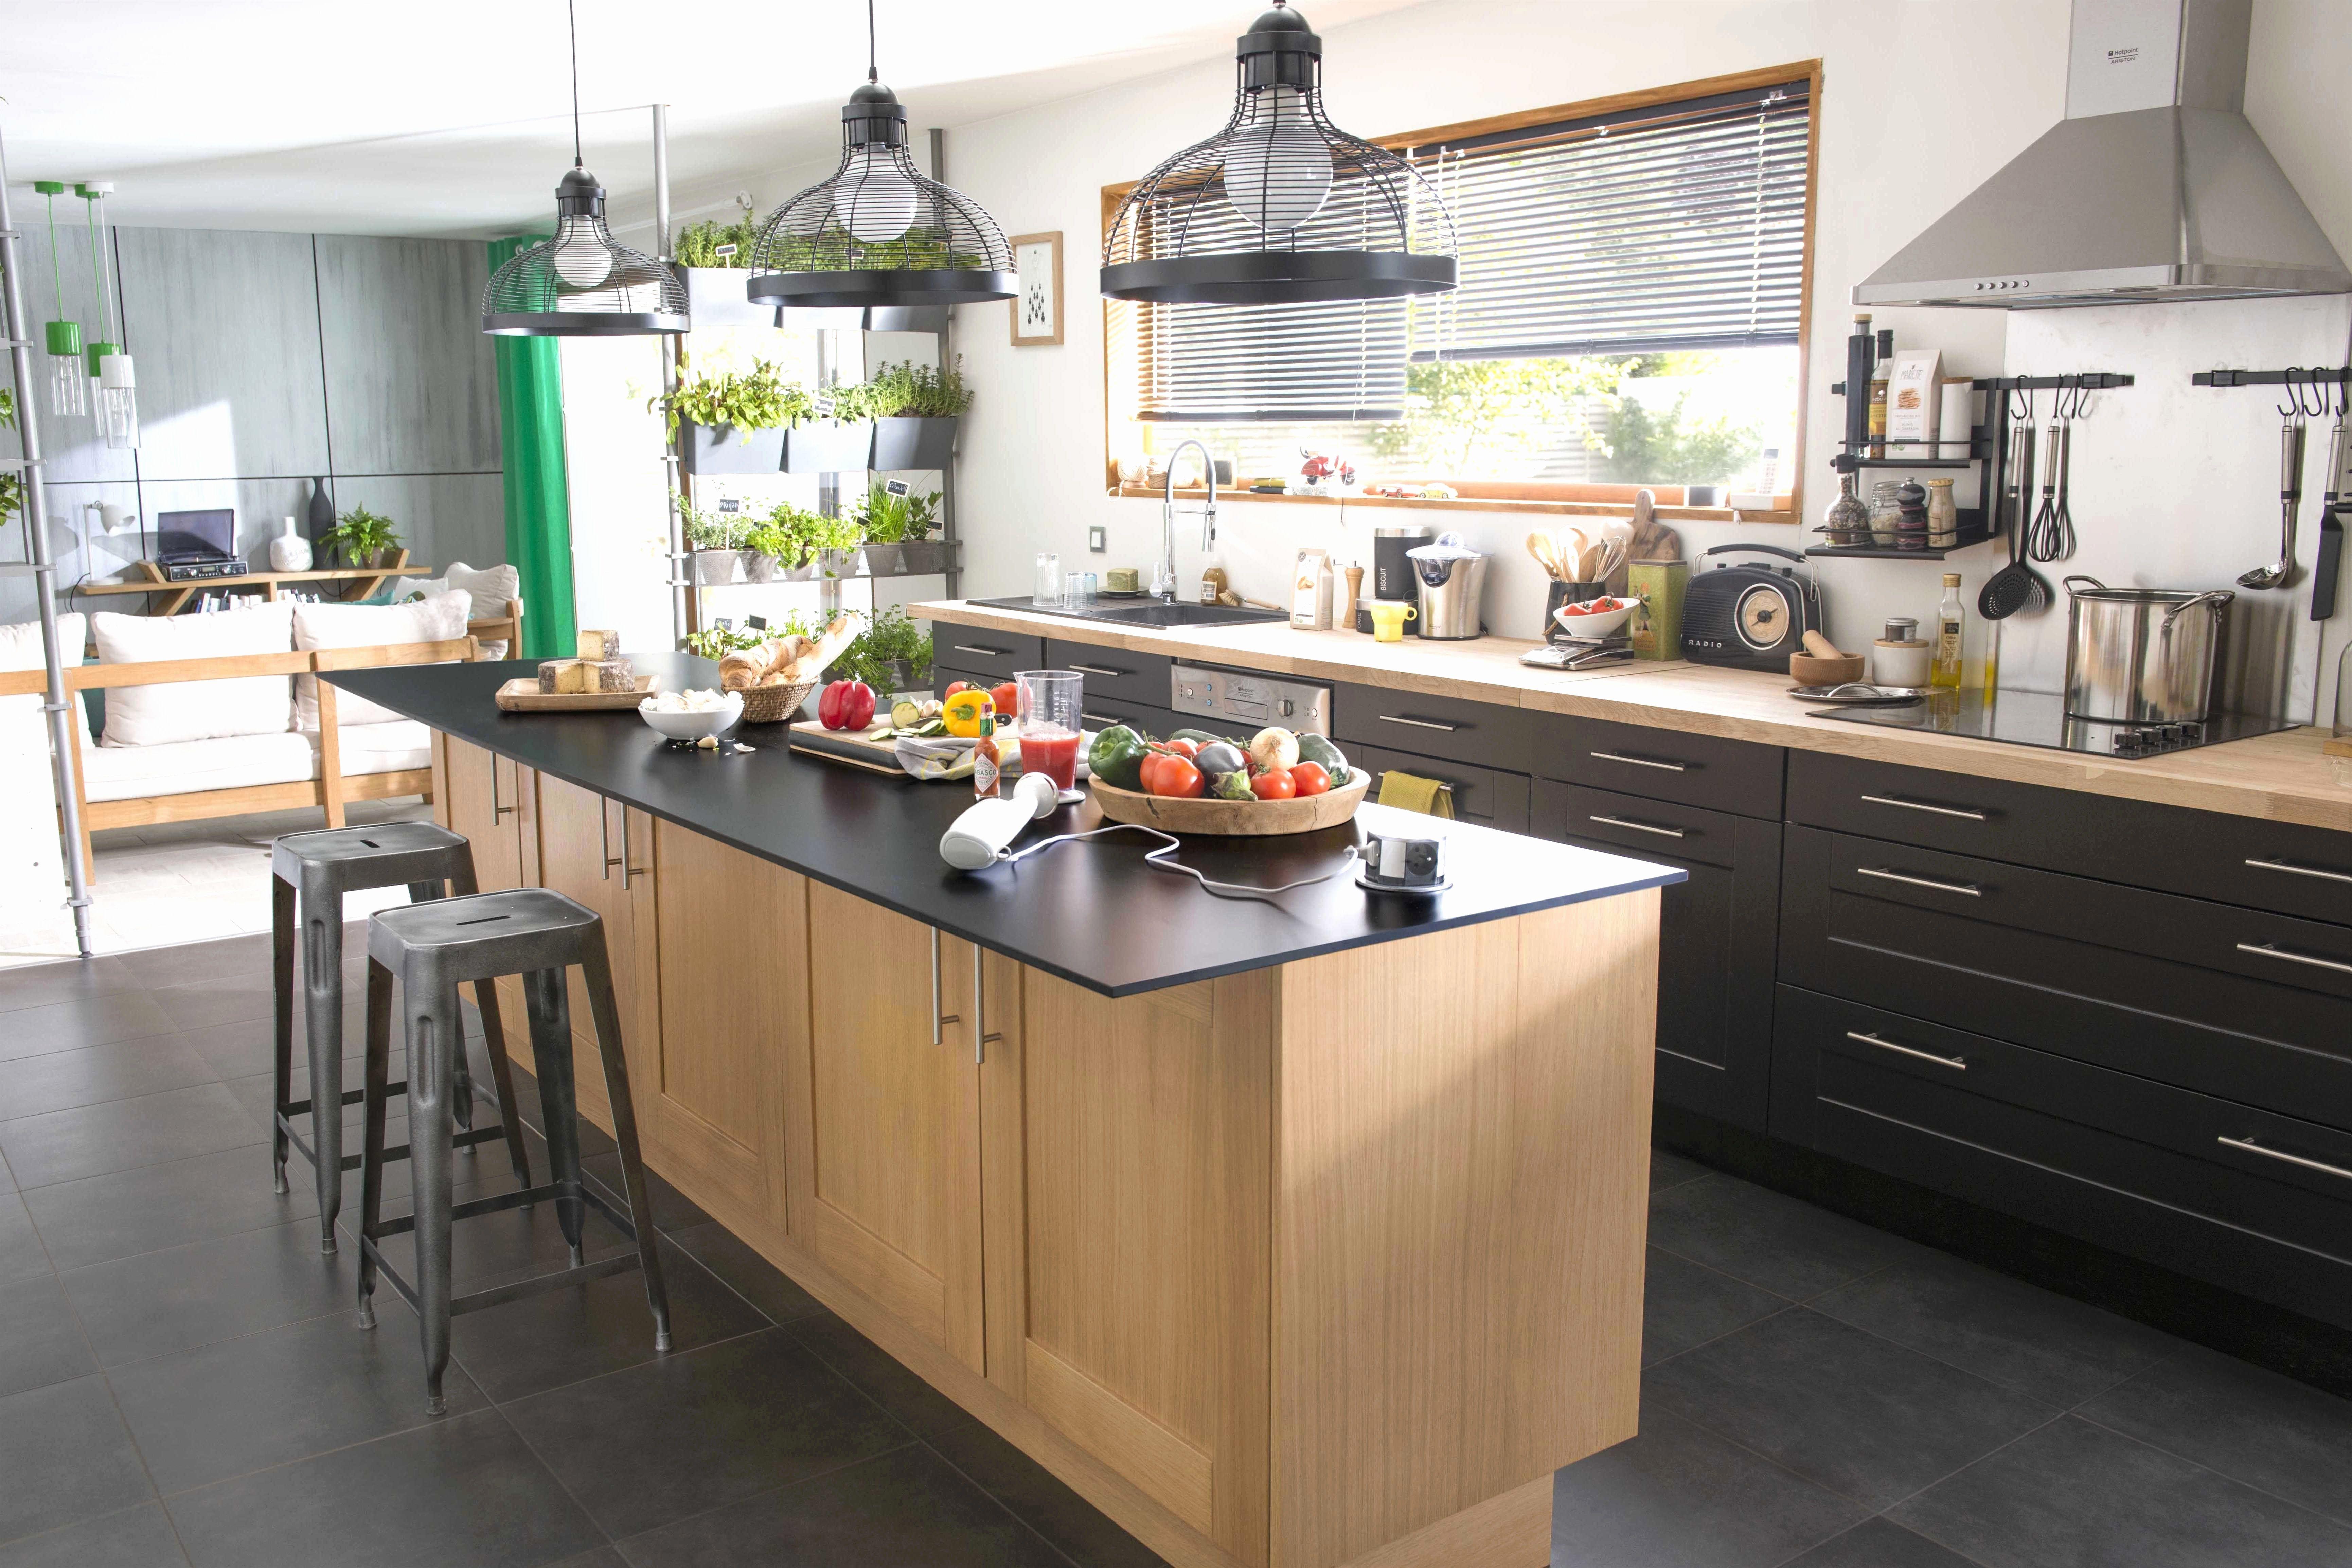 Armoire 40 Cm De Profondeur Armoire 40 Cm De Profondeur Armoire Largeur 150 199 Cm Ikea Decouvrez Notre Meuble Cuisine Ilots Central Cuisine Cuisine Moderne